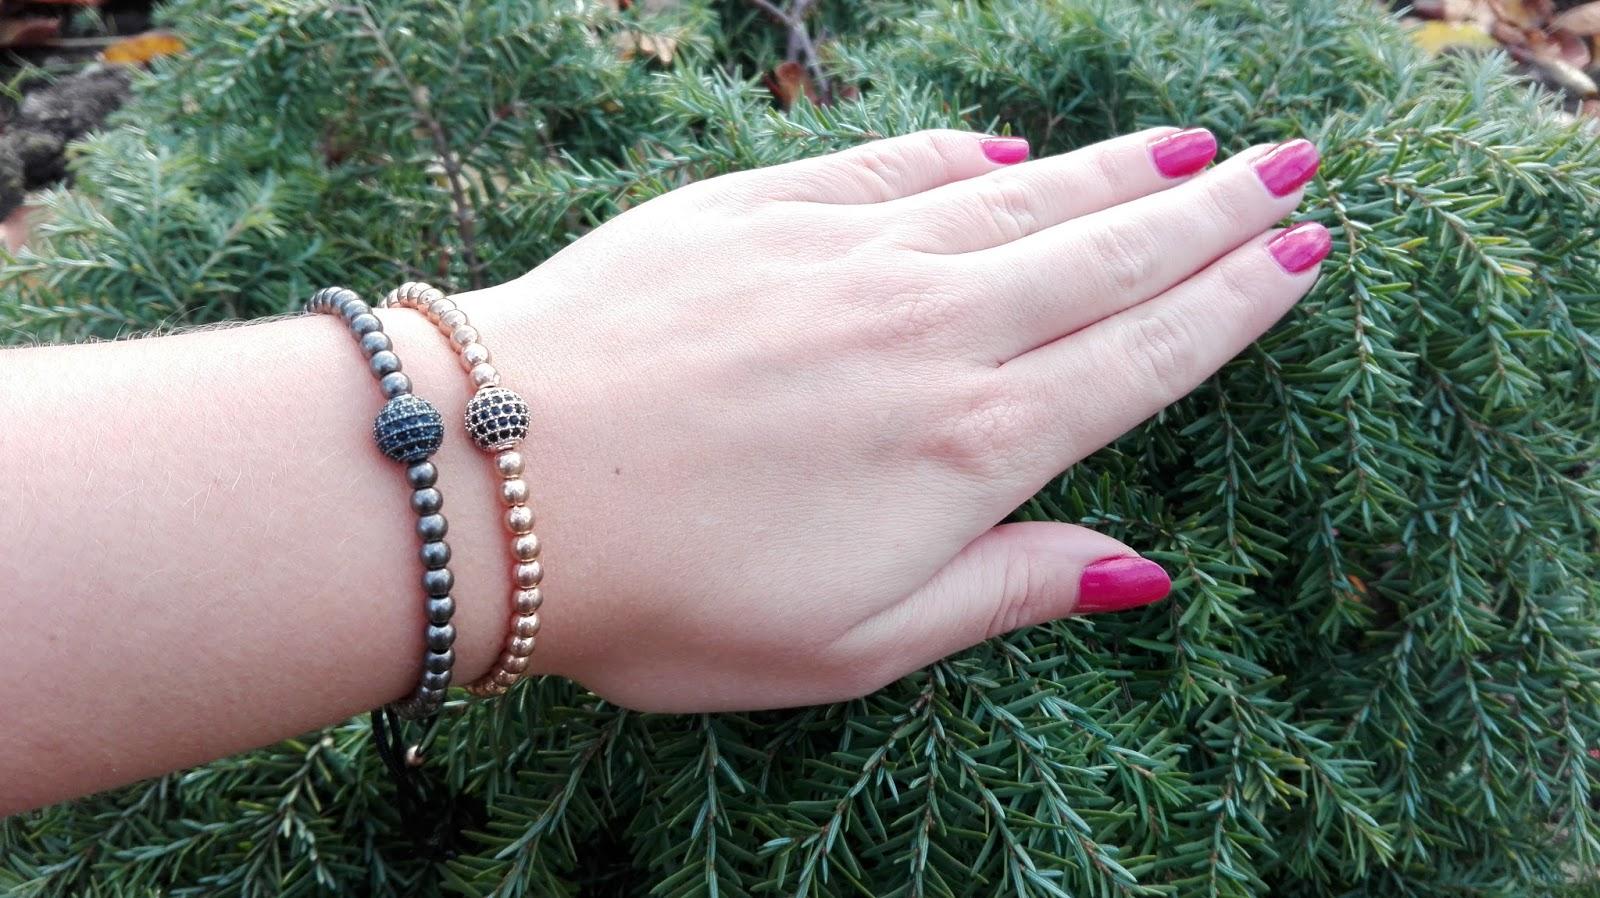 260b50f78 Macramé náramek dodá pozitivní energii i pocit štěstí a bude jedinečným  doplňkem na vaší ruce.